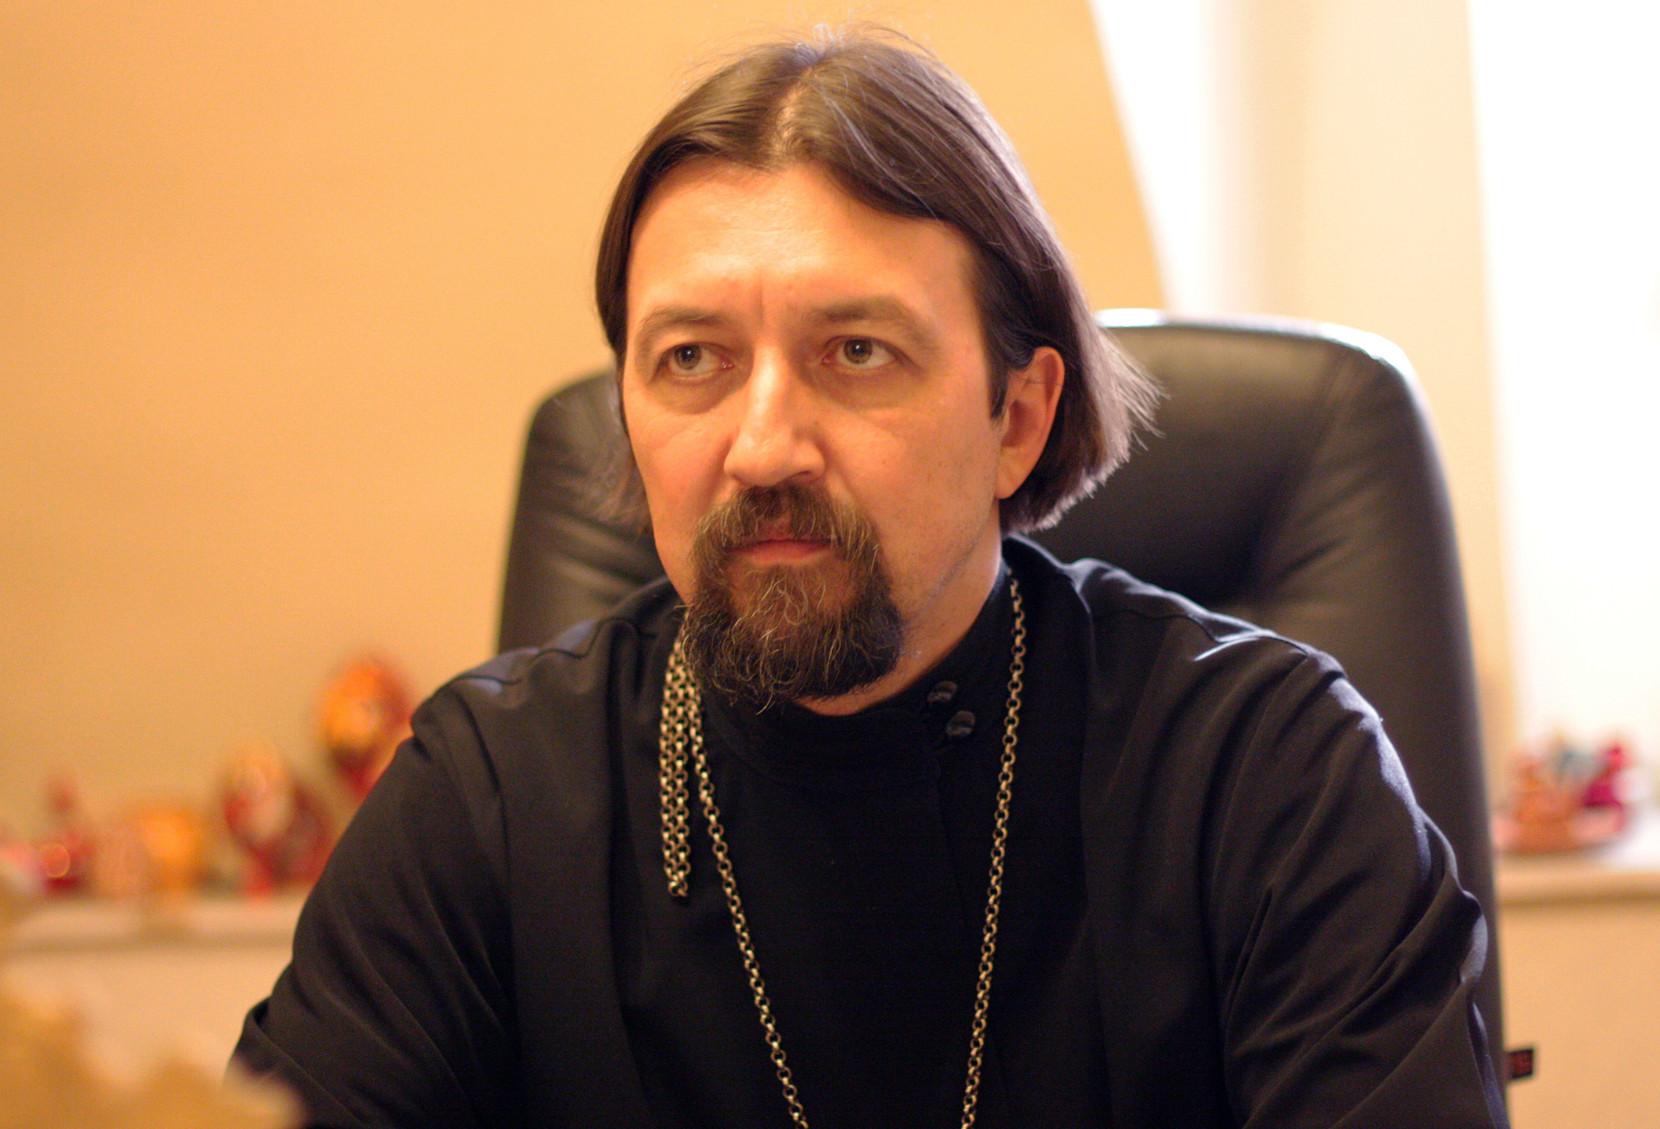 Протоиерей Максим Козлов об уникальных фондах Синодальной библиотеки и новом развитии центра книжности